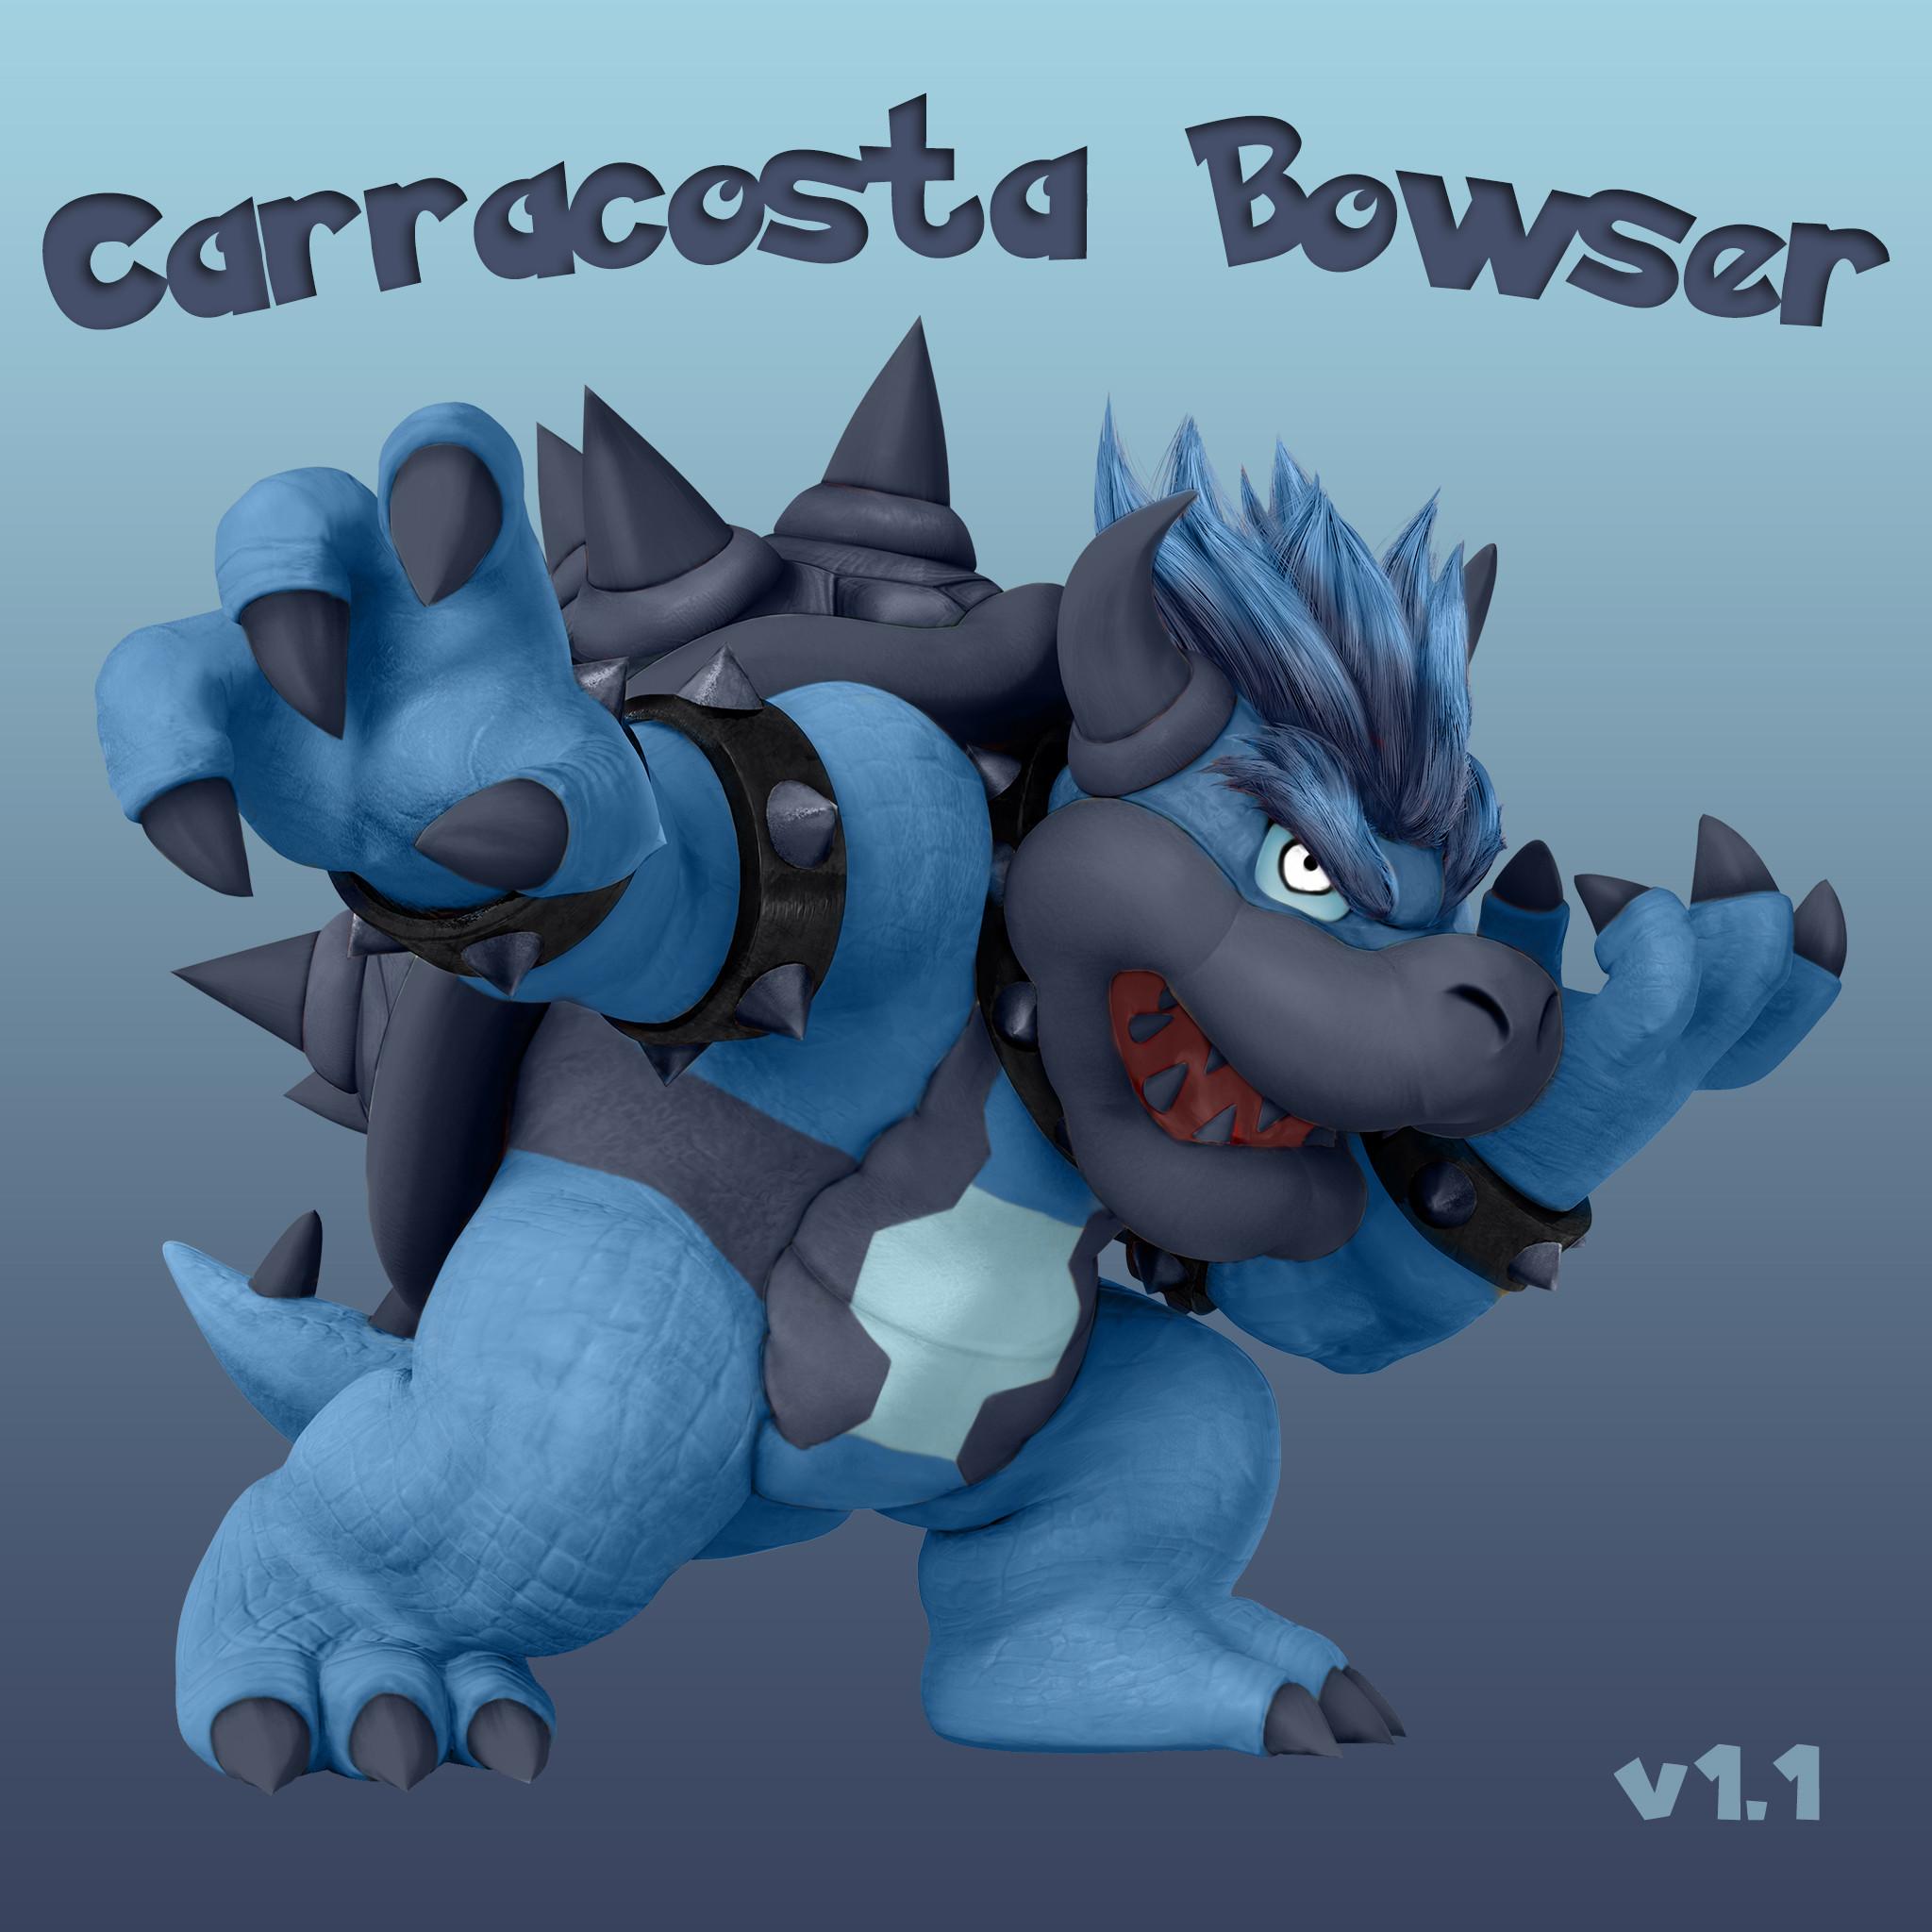 Carracosta Inspired Bowser (Super Smash Bros. for Wii U > Skins.